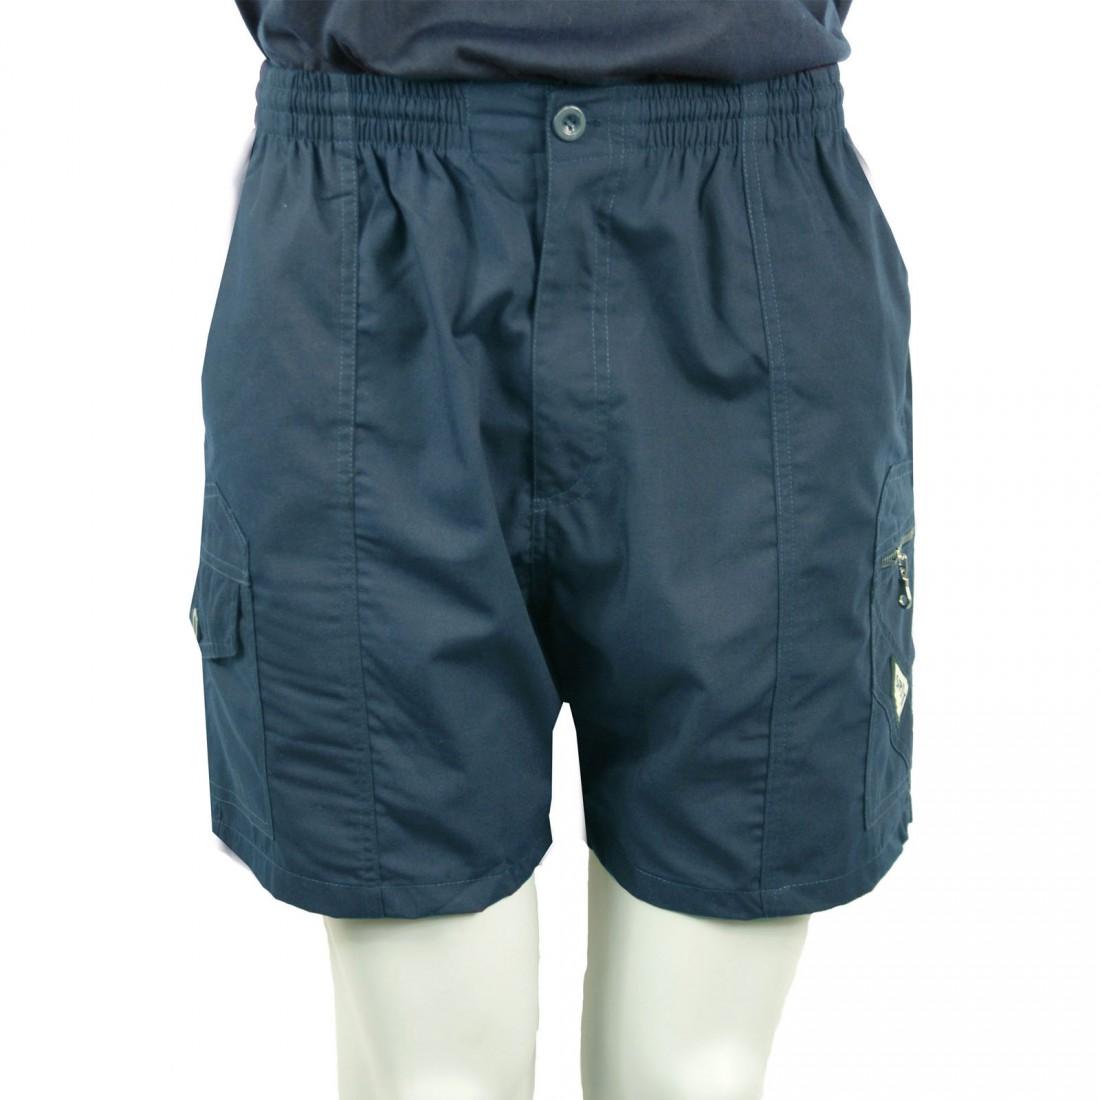 romesa short kurze hose mit cargotaschen und dehnbund herren hosen shorts bermudas. Black Bedroom Furniture Sets. Home Design Ideas